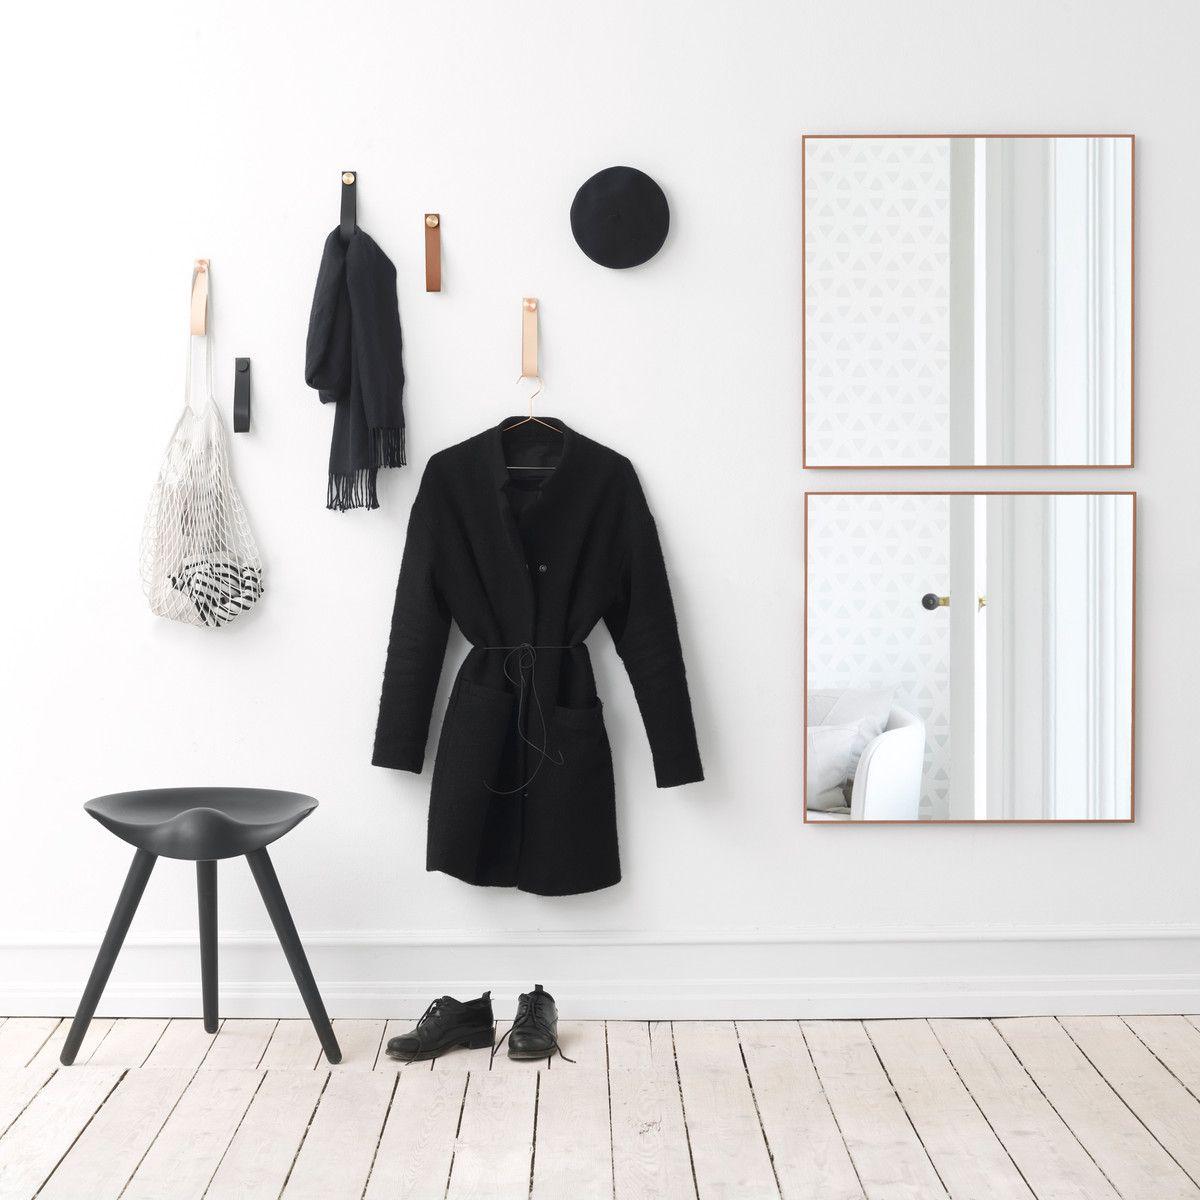 by lassen stropp 2er set kupfer natur wandhaken. Black Bedroom Furniture Sets. Home Design Ideas